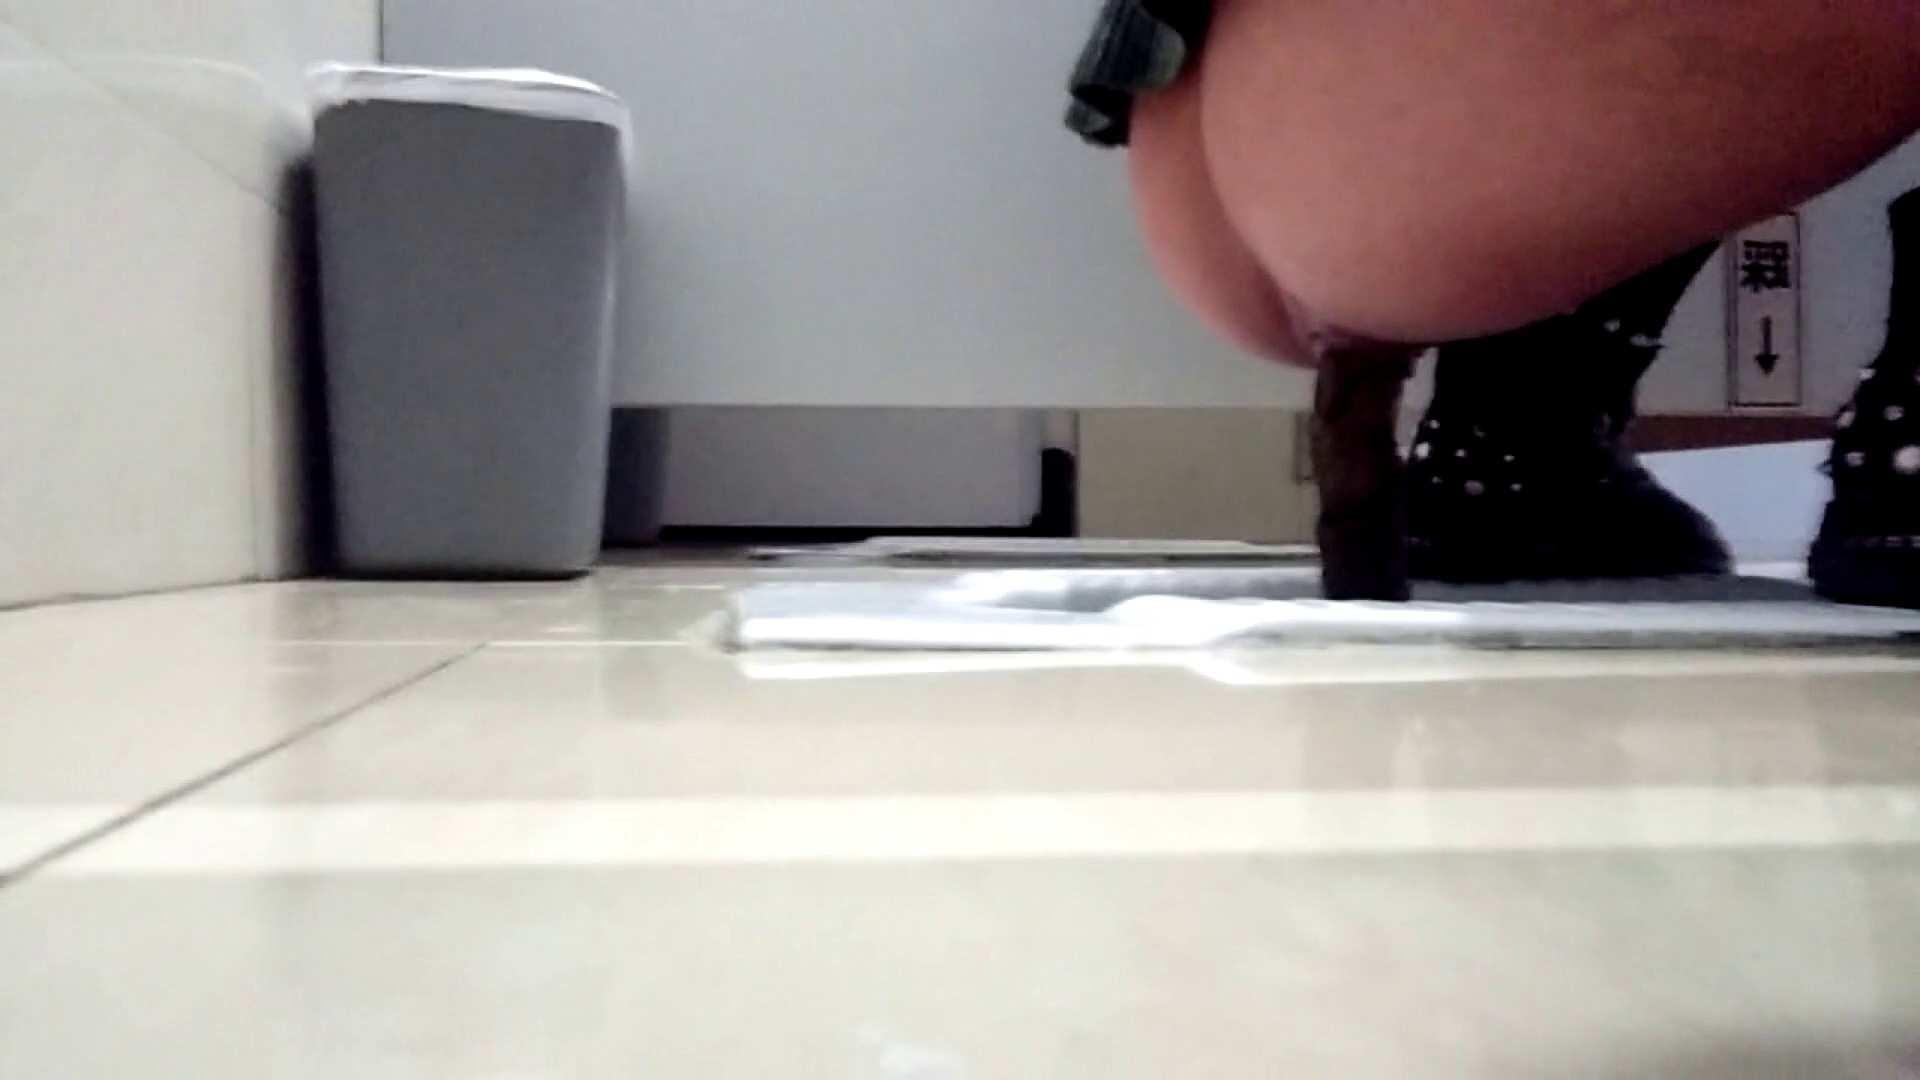 芸術大学ガチ潜入盗撮 JD盗撮 美女の洗面所の秘密 Vol.100 美女  105PIX 69